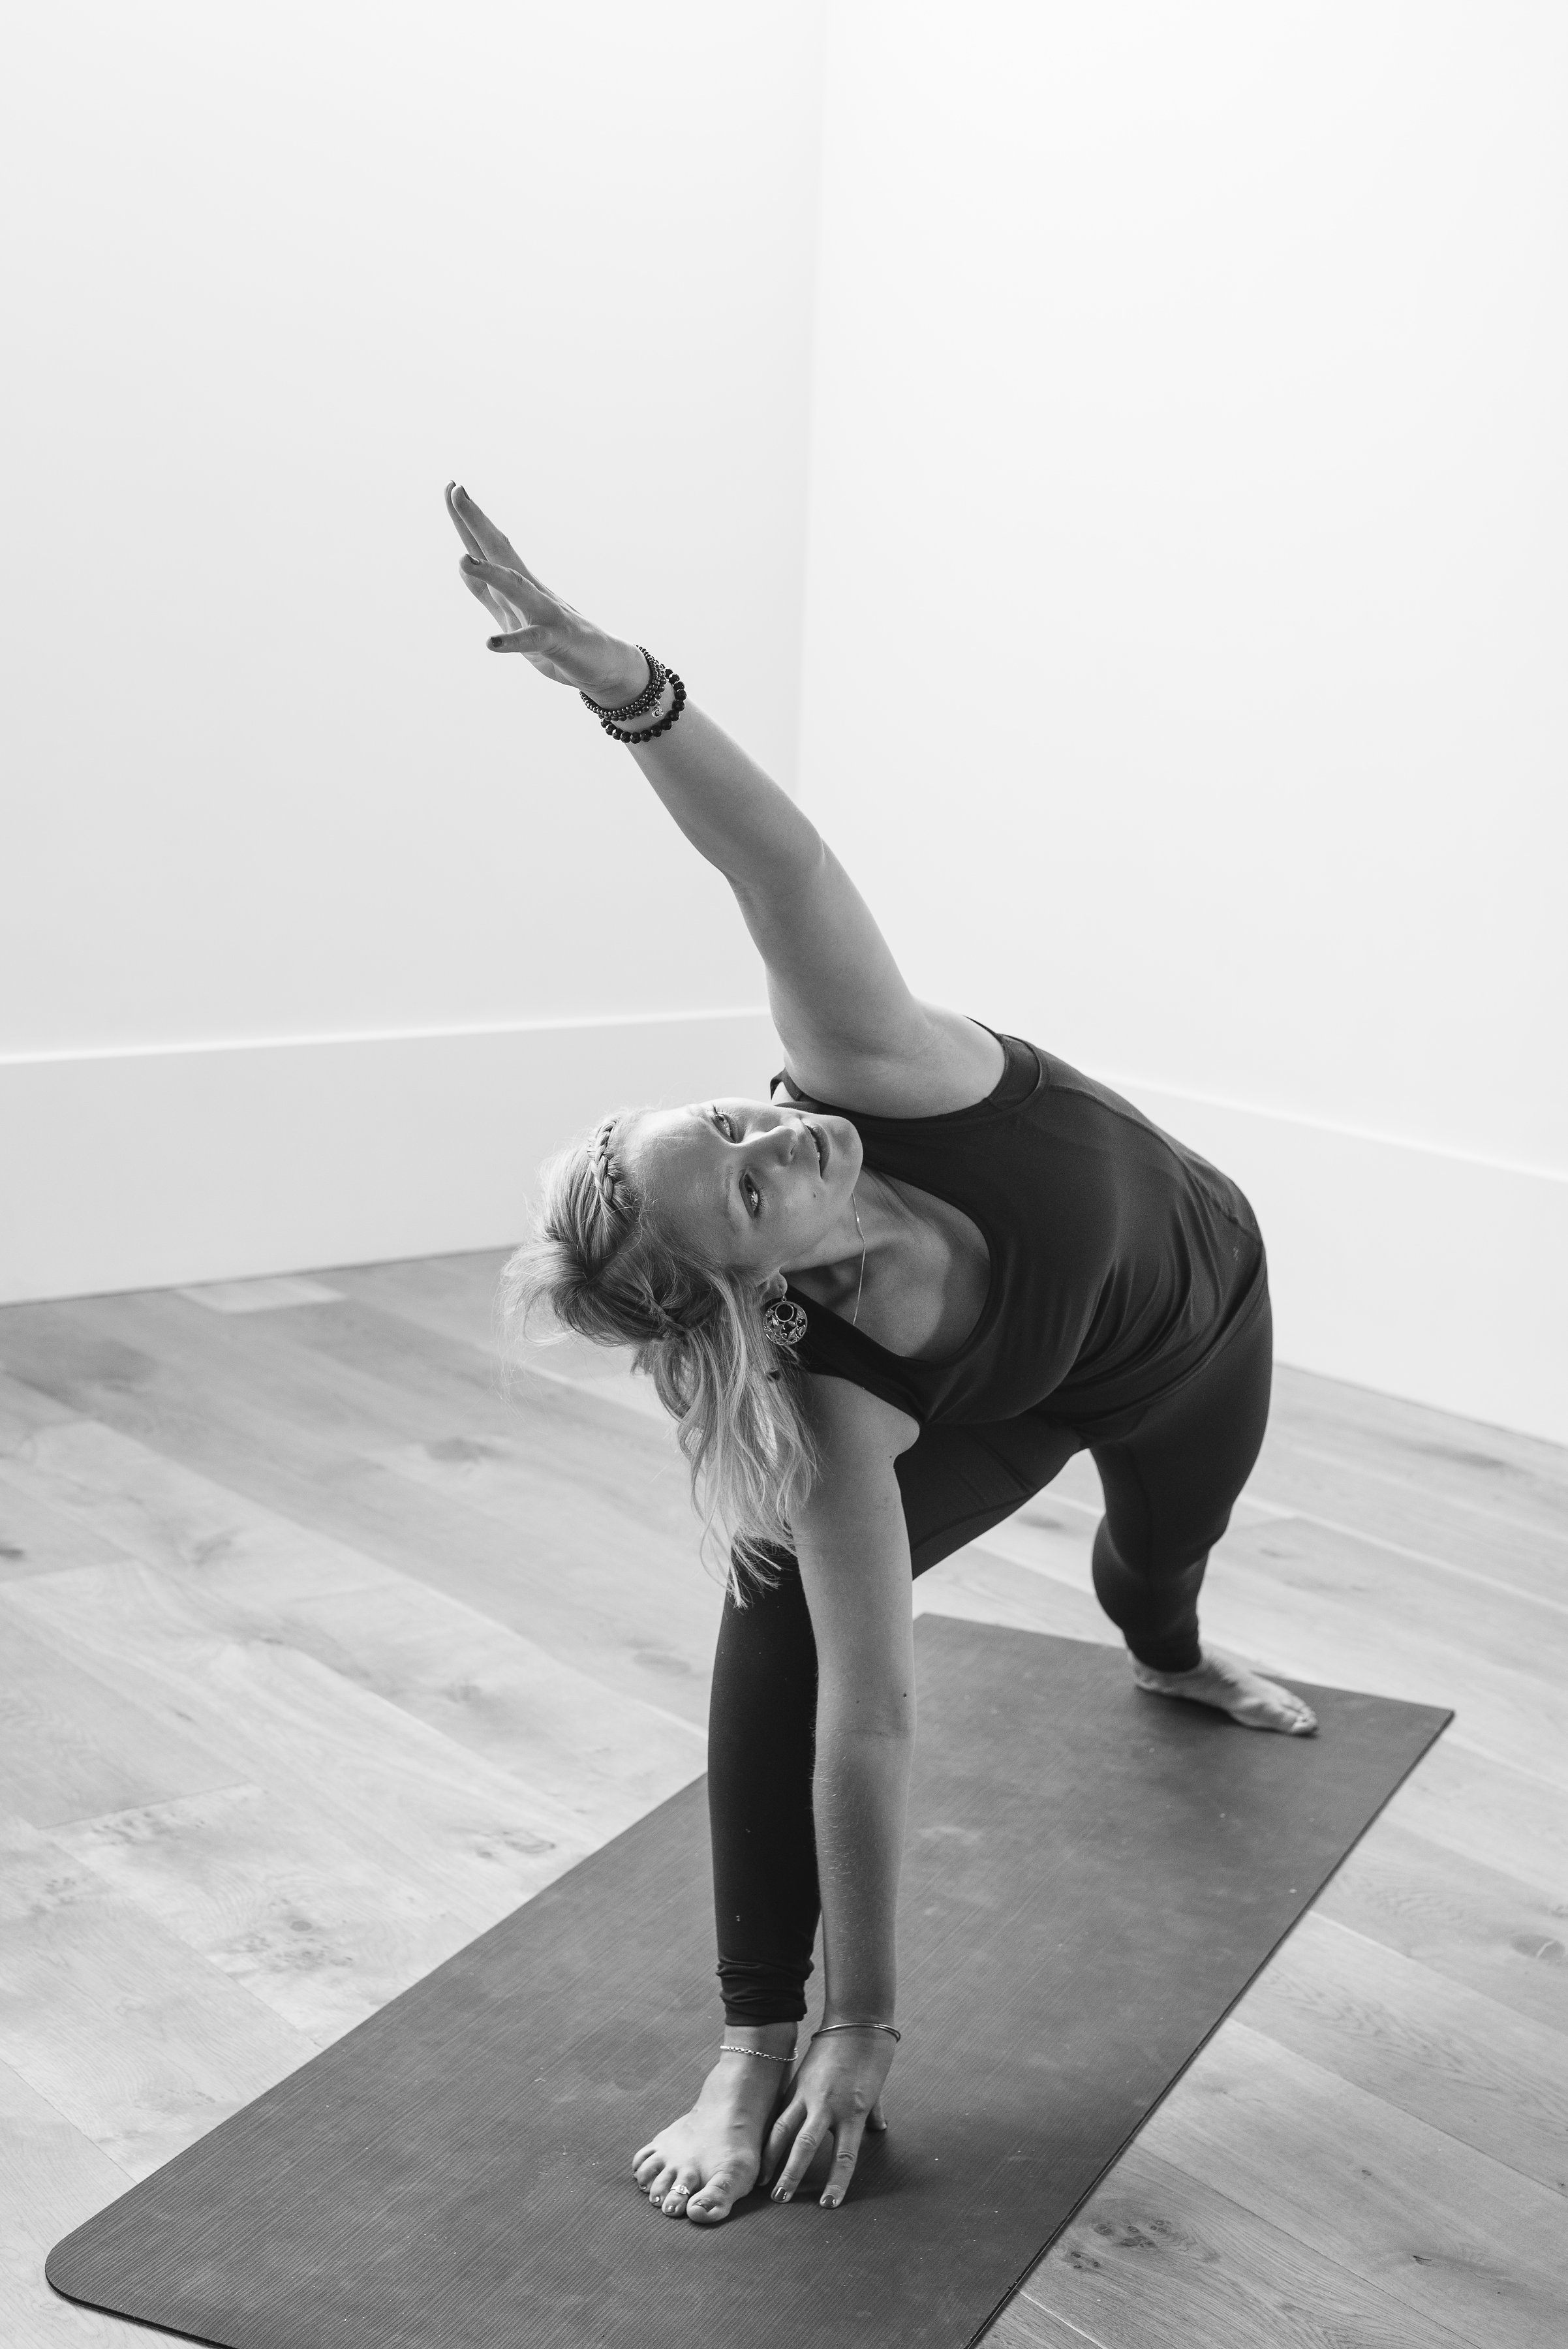 dublin-yoga-teacher-aisling-milne